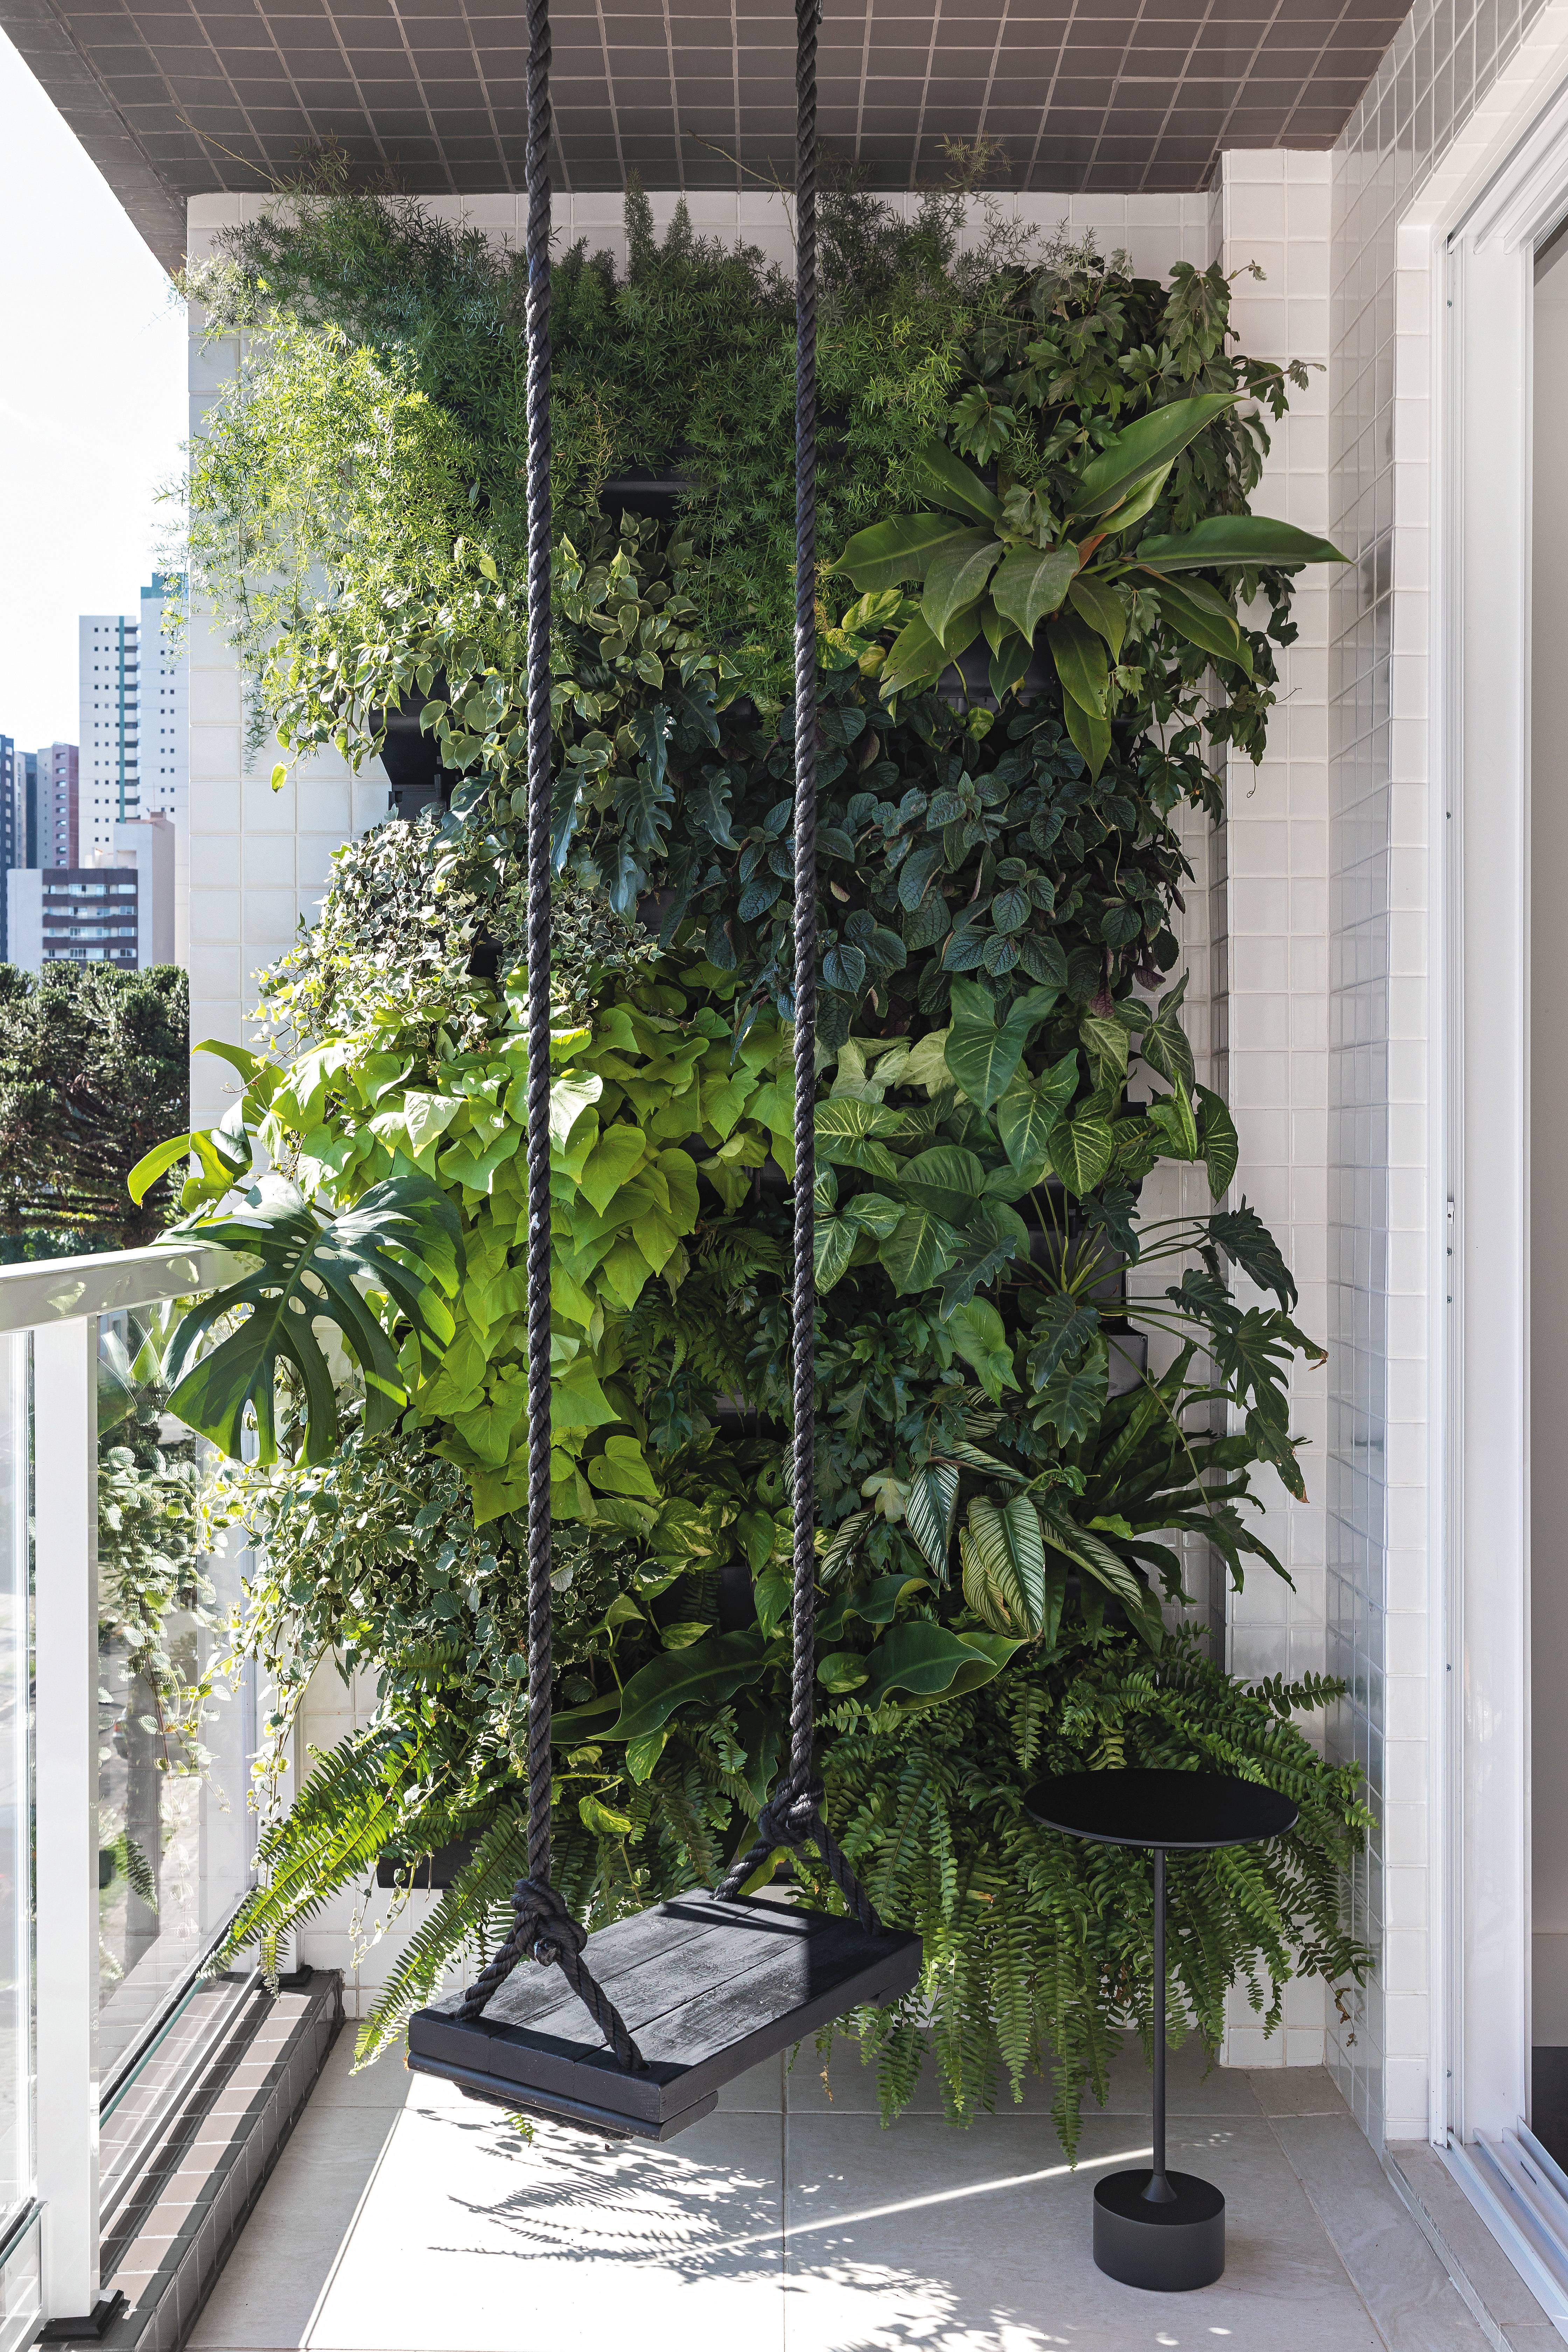 O muro verde remete ao conceito urban jungle e o balanço feito pelos proprietários traz personalidade ao ambiente. Foto: Eduardo Macarios